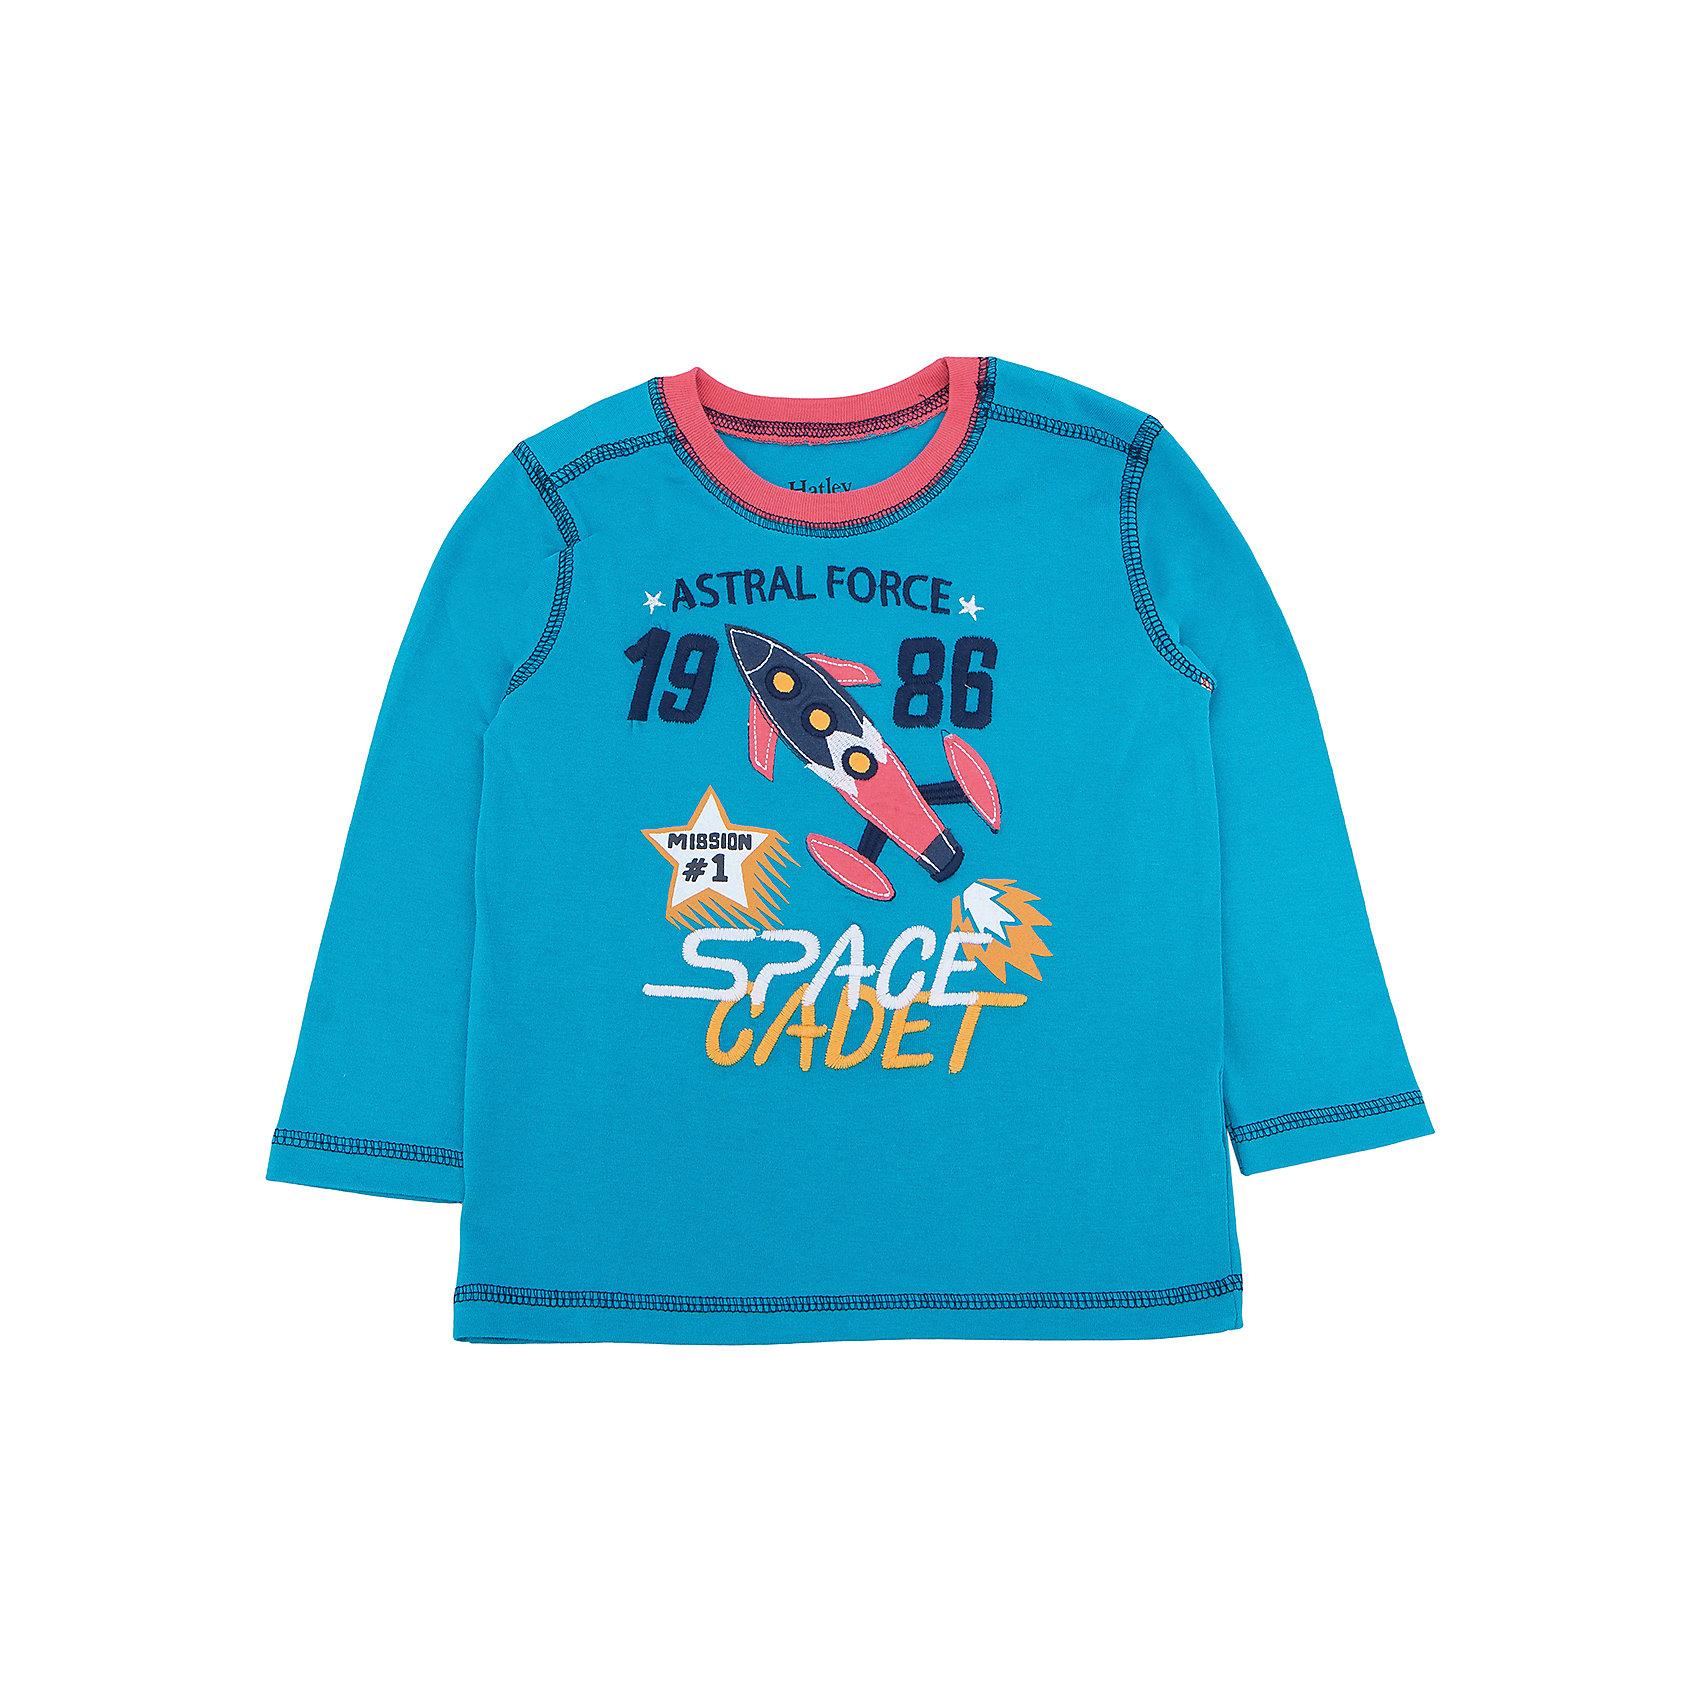 Футболка с длинным рукавом для мальчика HatleyФутболки с длинным рукавом<br>Футболка с длинным рукавом для мальчика Hatley<br><br>Характеристики:<br><br>• Состав: 100% хлопок<br>• Цвет: голубой<br><br>Красивая и модная футболка с длинными рукавами идеально подойдет для летней прохладной погоды или для носки в помещении. Благодаря тому, что ткань натуральная и не вызывает аллергии, ребенок сможет бегать и прыгать, не боясь, что вспотеет и на коже будут раздражения. Яркий и забавный принт-аппликация с ракетой делает футболку еще и очень привлекательной. Прострочка рукава, на плечах и внизу кофты делает дизайн футболки неповторимым.<br><br>Футболку с длинным рукавом для мальчика Hatley можно купить в нашем интернет-магазине.<br><br>Ширина мм: 230<br>Глубина мм: 40<br>Высота мм: 220<br>Вес г: 250<br>Цвет: голубой<br>Возраст от месяцев: 36<br>Возраст до месяцев: 48<br>Пол: Мужской<br>Возраст: Детский<br>Размер: 104,92,110,98<br>SKU: 5020640